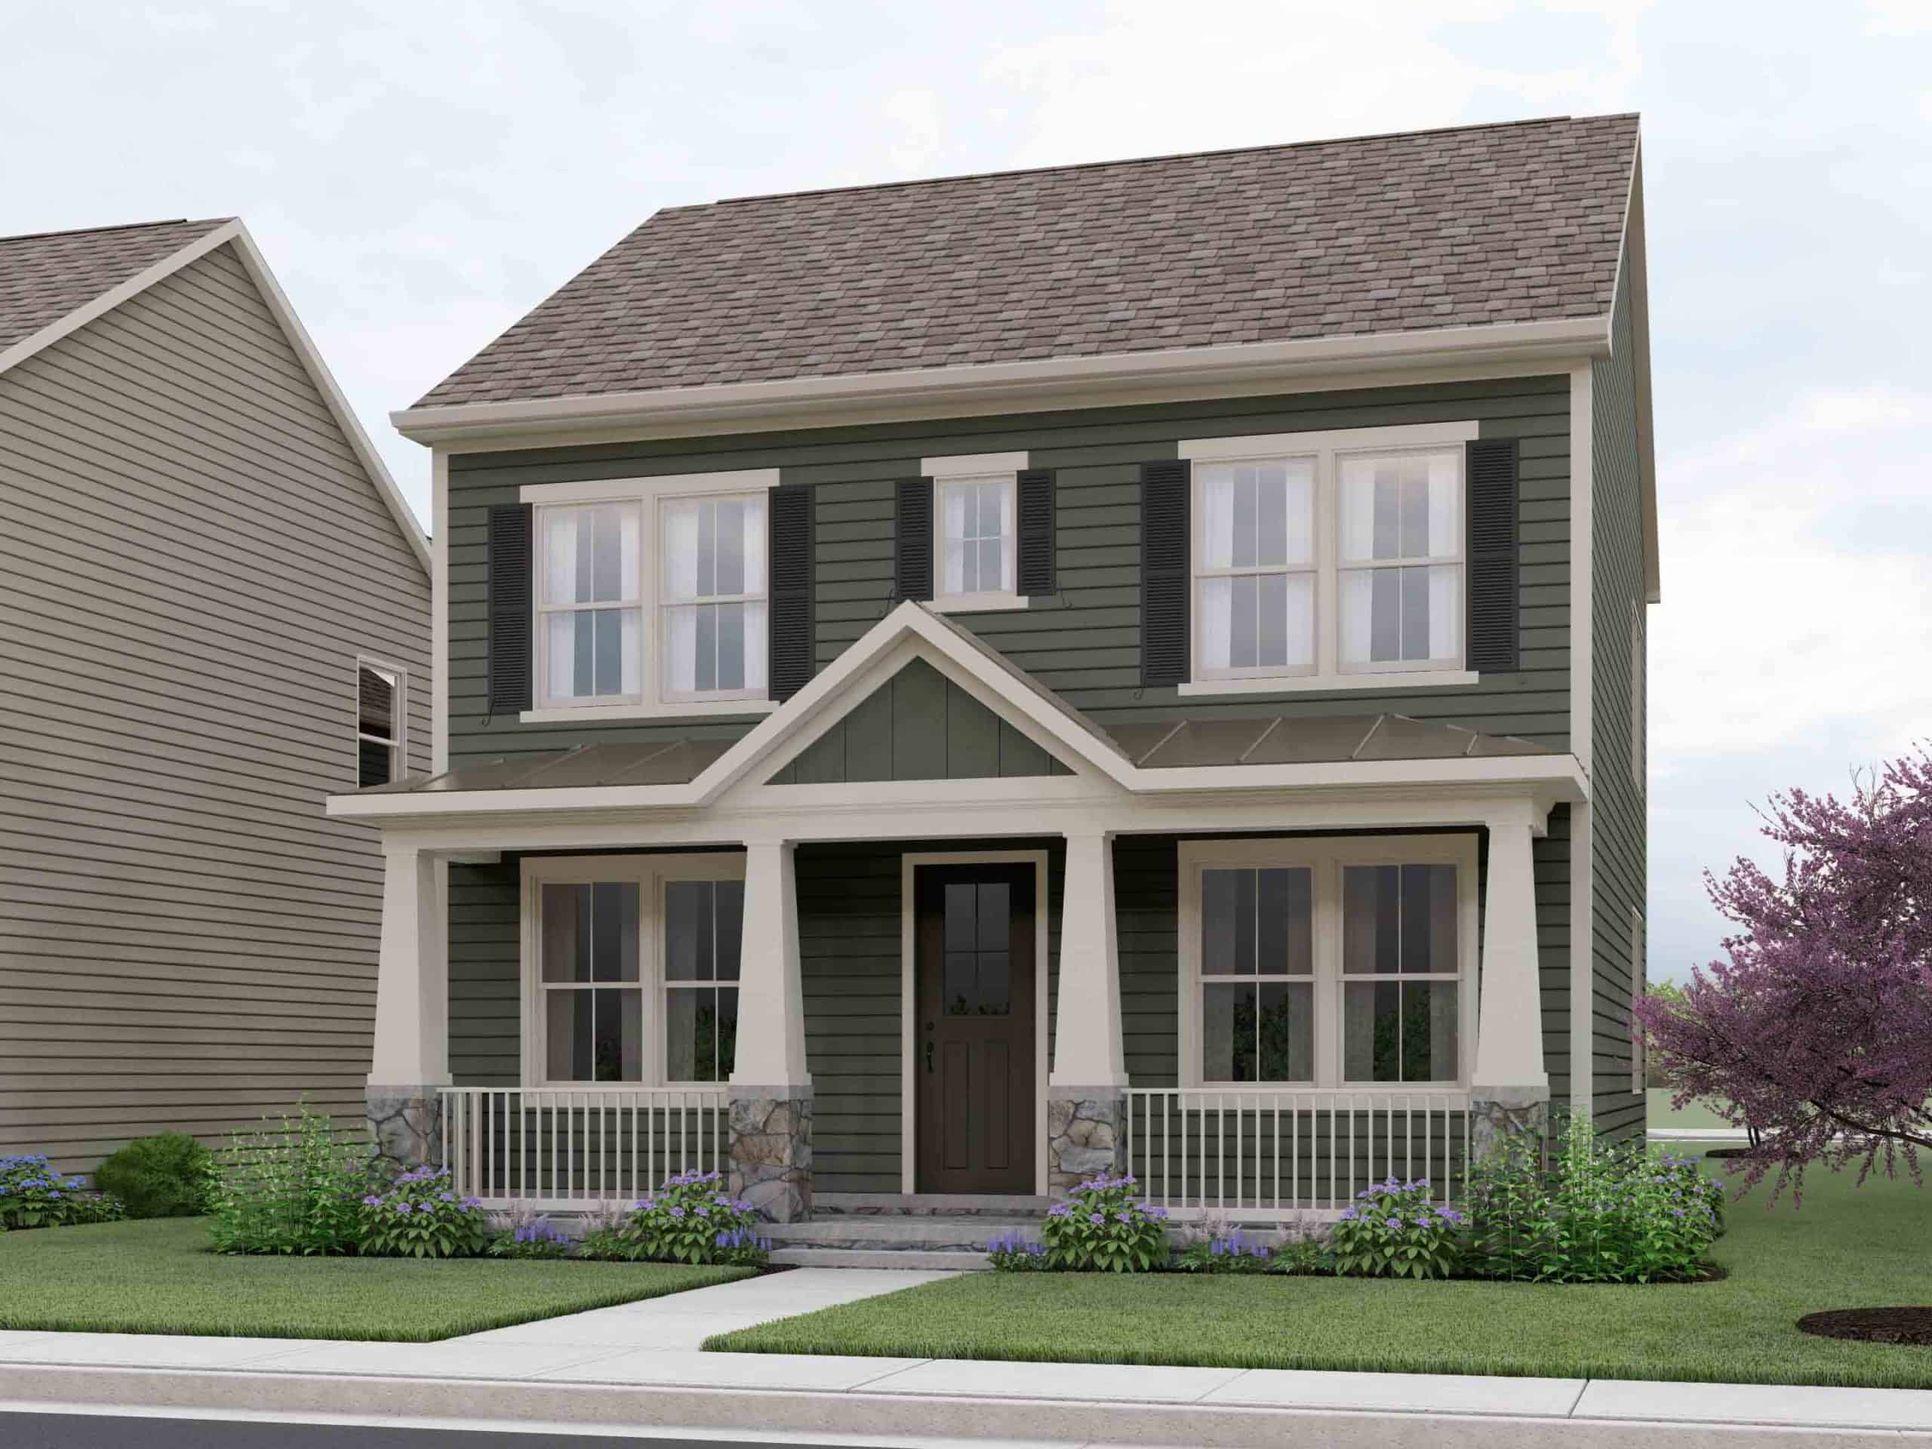 WH-residence-Madison-Optimized-new-scaled-1:The Madison - Elevation 3